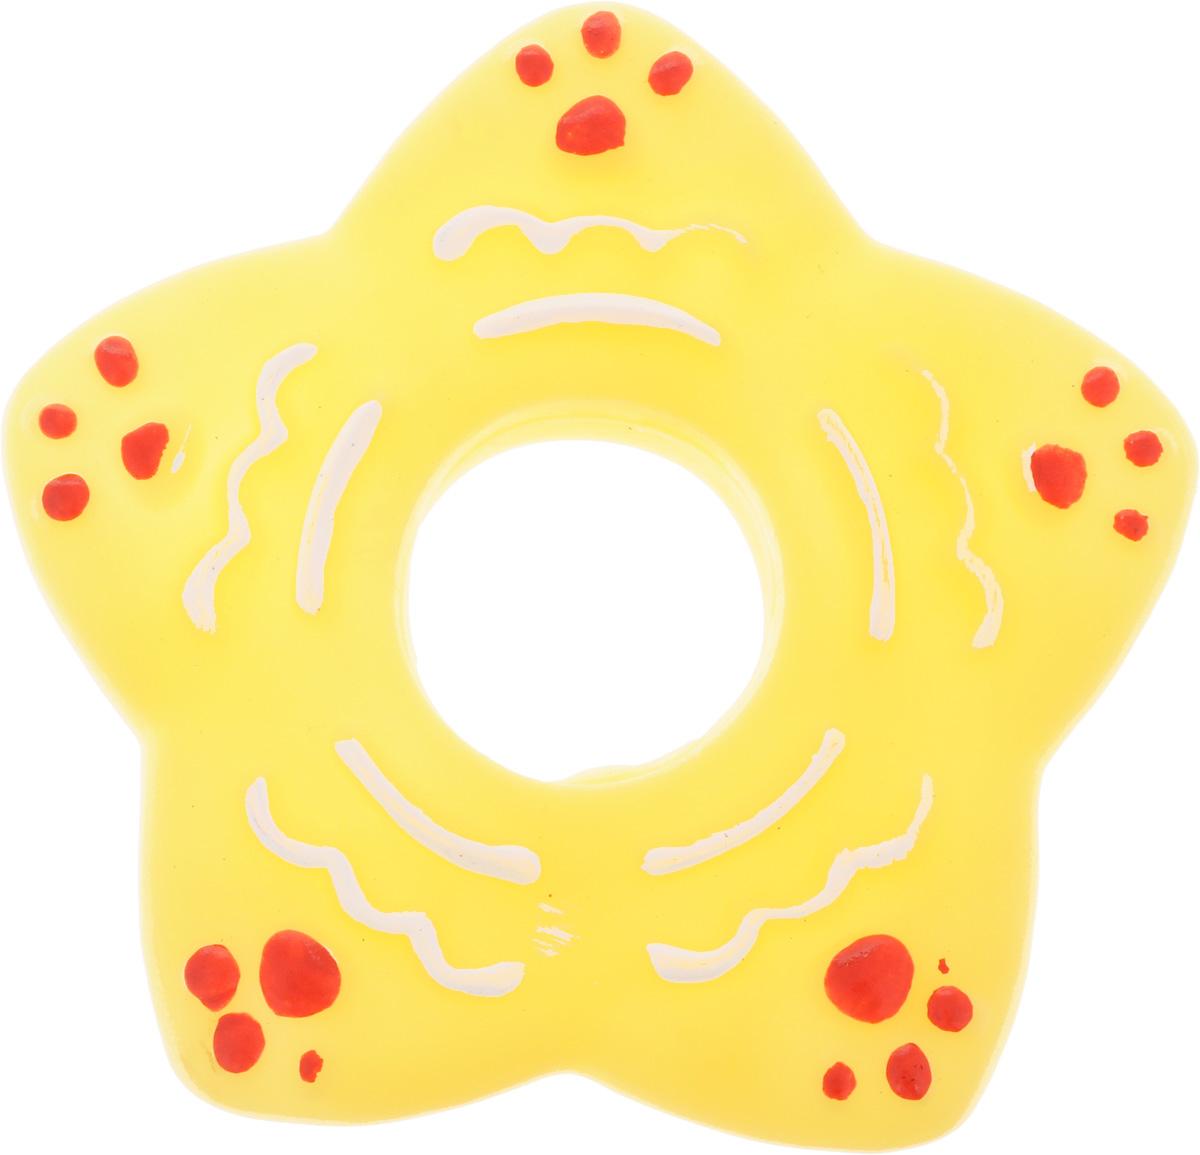 Игрушка для собак Каскад Кольцо-звезда, цвет: желтый, 13 х 13 см27799280_желтыйИгрушка для собак Каскад Кольцо-звезда изготовлена из мягкой и прочной безопасной резины, устойчивой к разгрызанию. Игрушка снабжена пищалкой. Изделие отличается прочностью и в то же время гибкостью и эластичностью. Необычная и забавная игрушка прекрасно подойдет для игр вашей собаки.